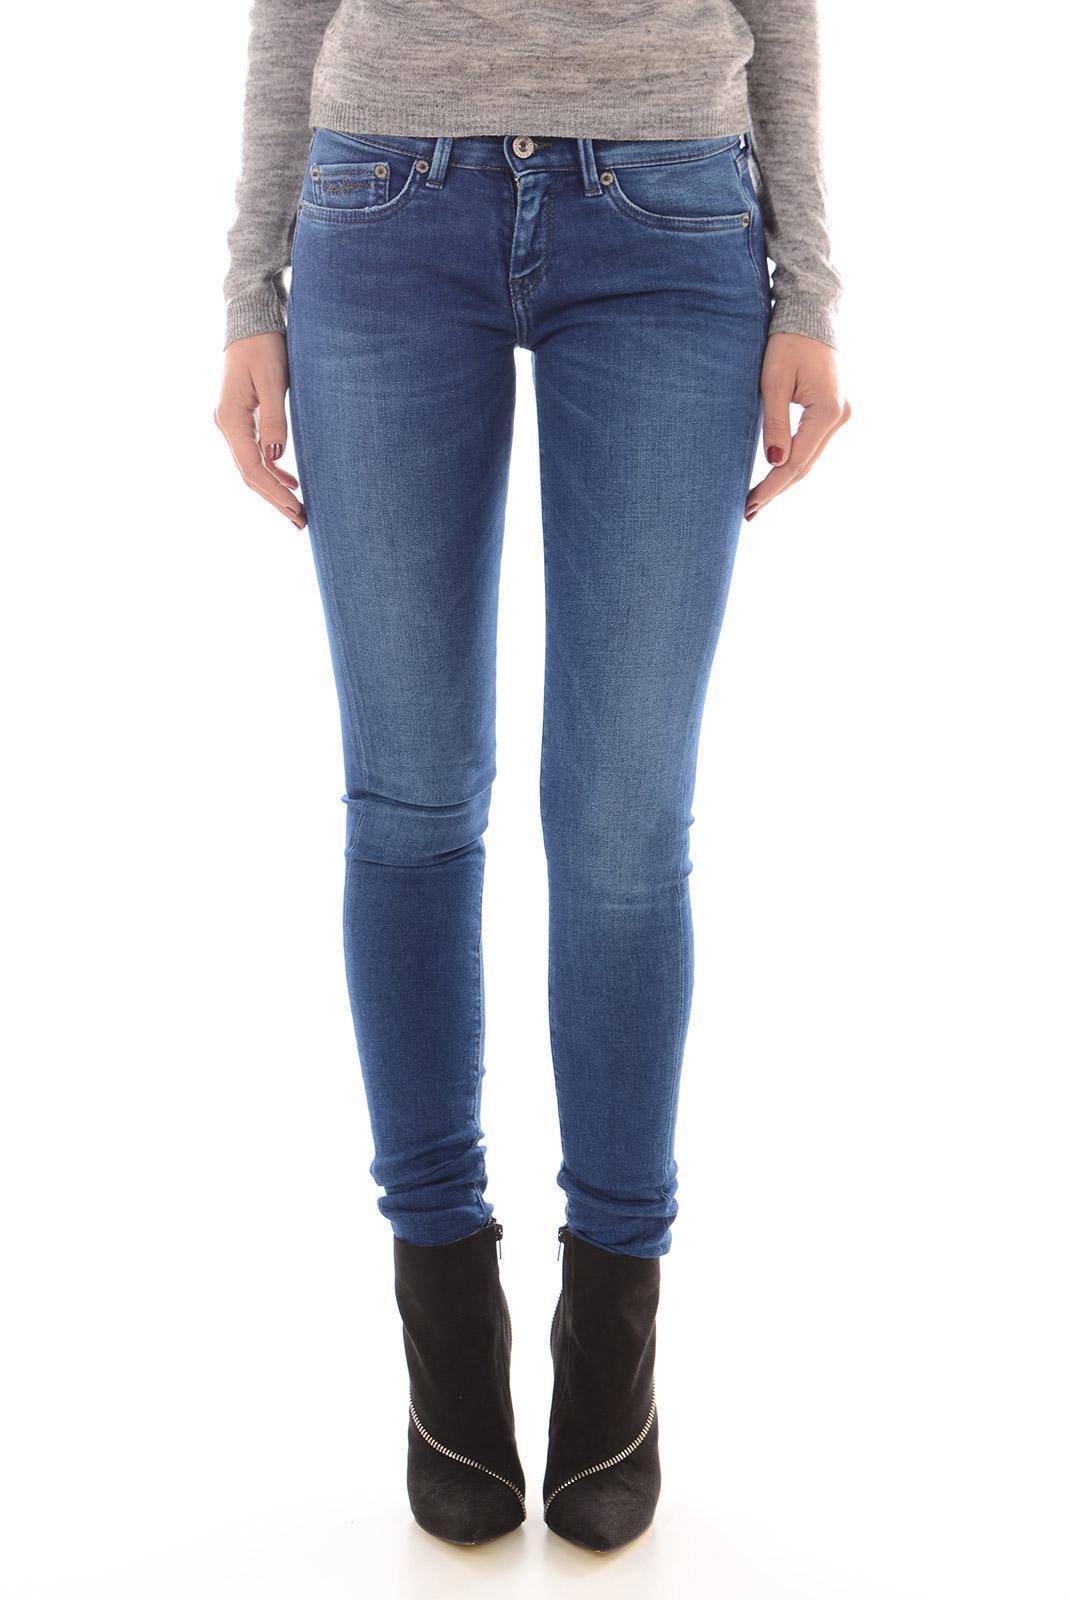 Jeans   Pepe jeans PL200025M46 PIXIE 000 BLEU